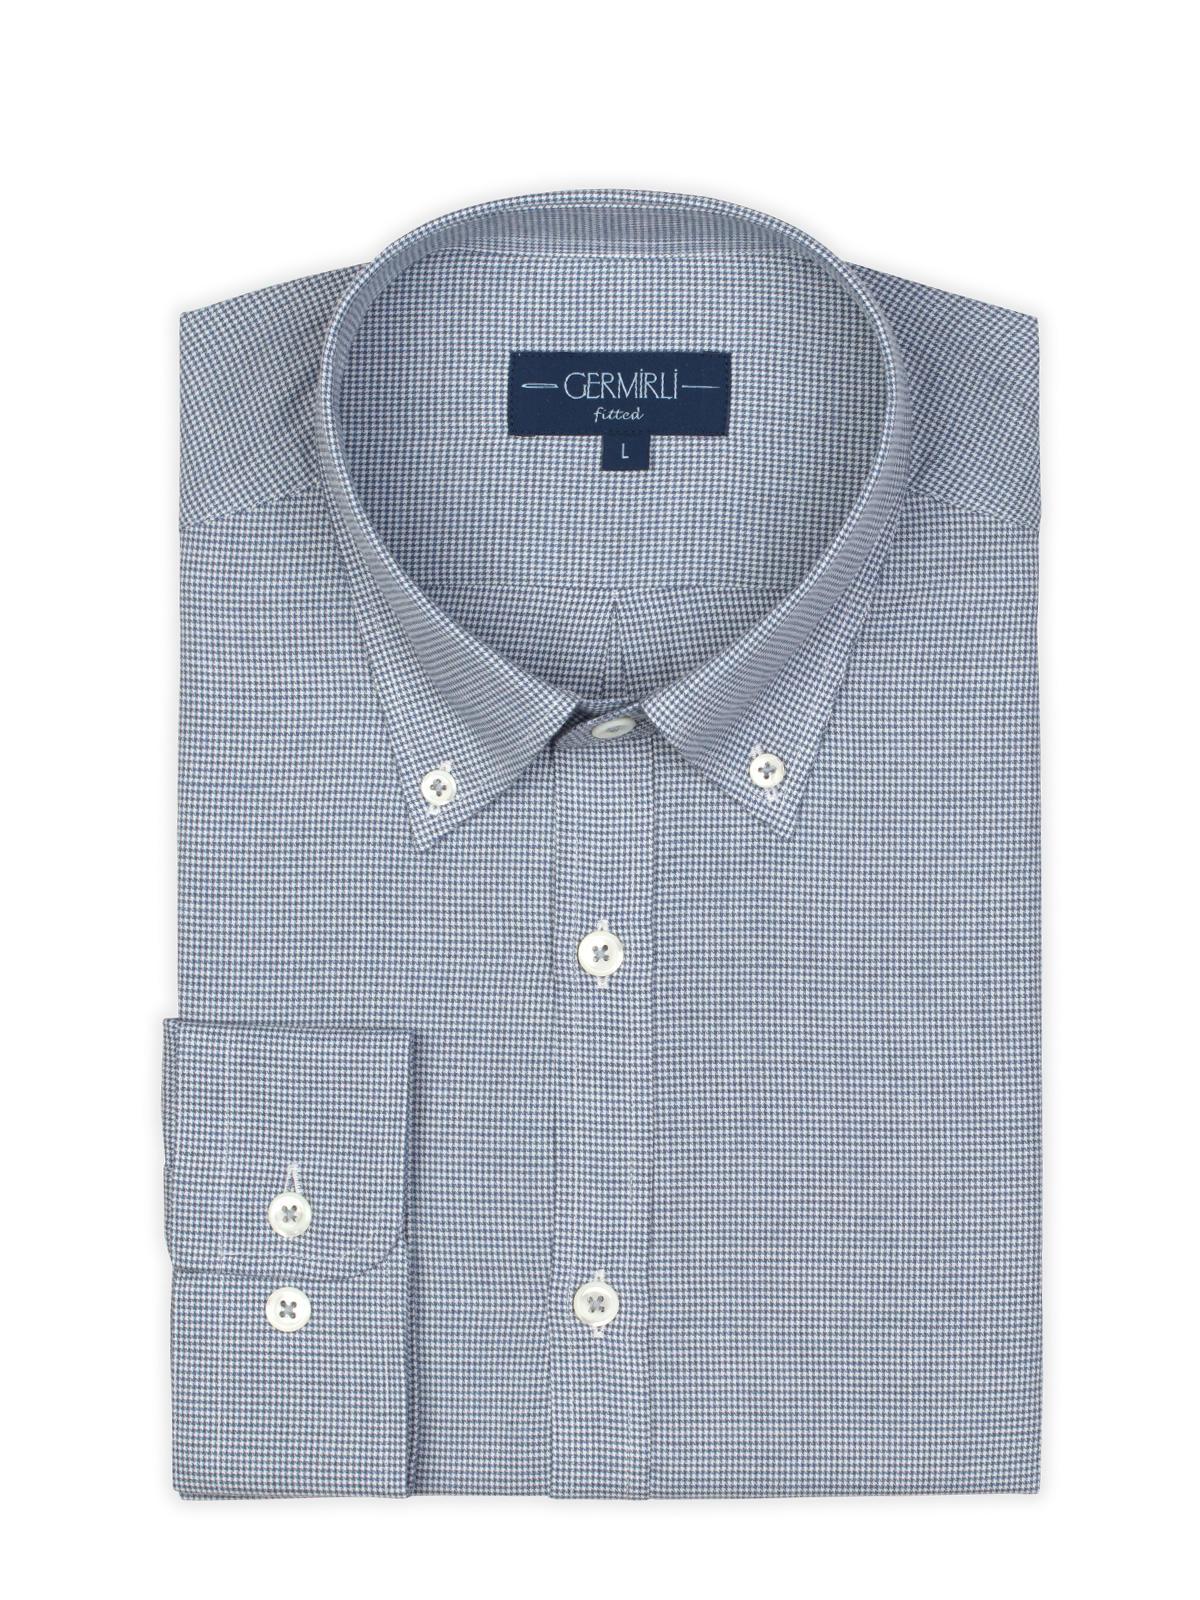 Germirli Mavi Desenli Düğmeli Yaka Tailor Fit Gömlek